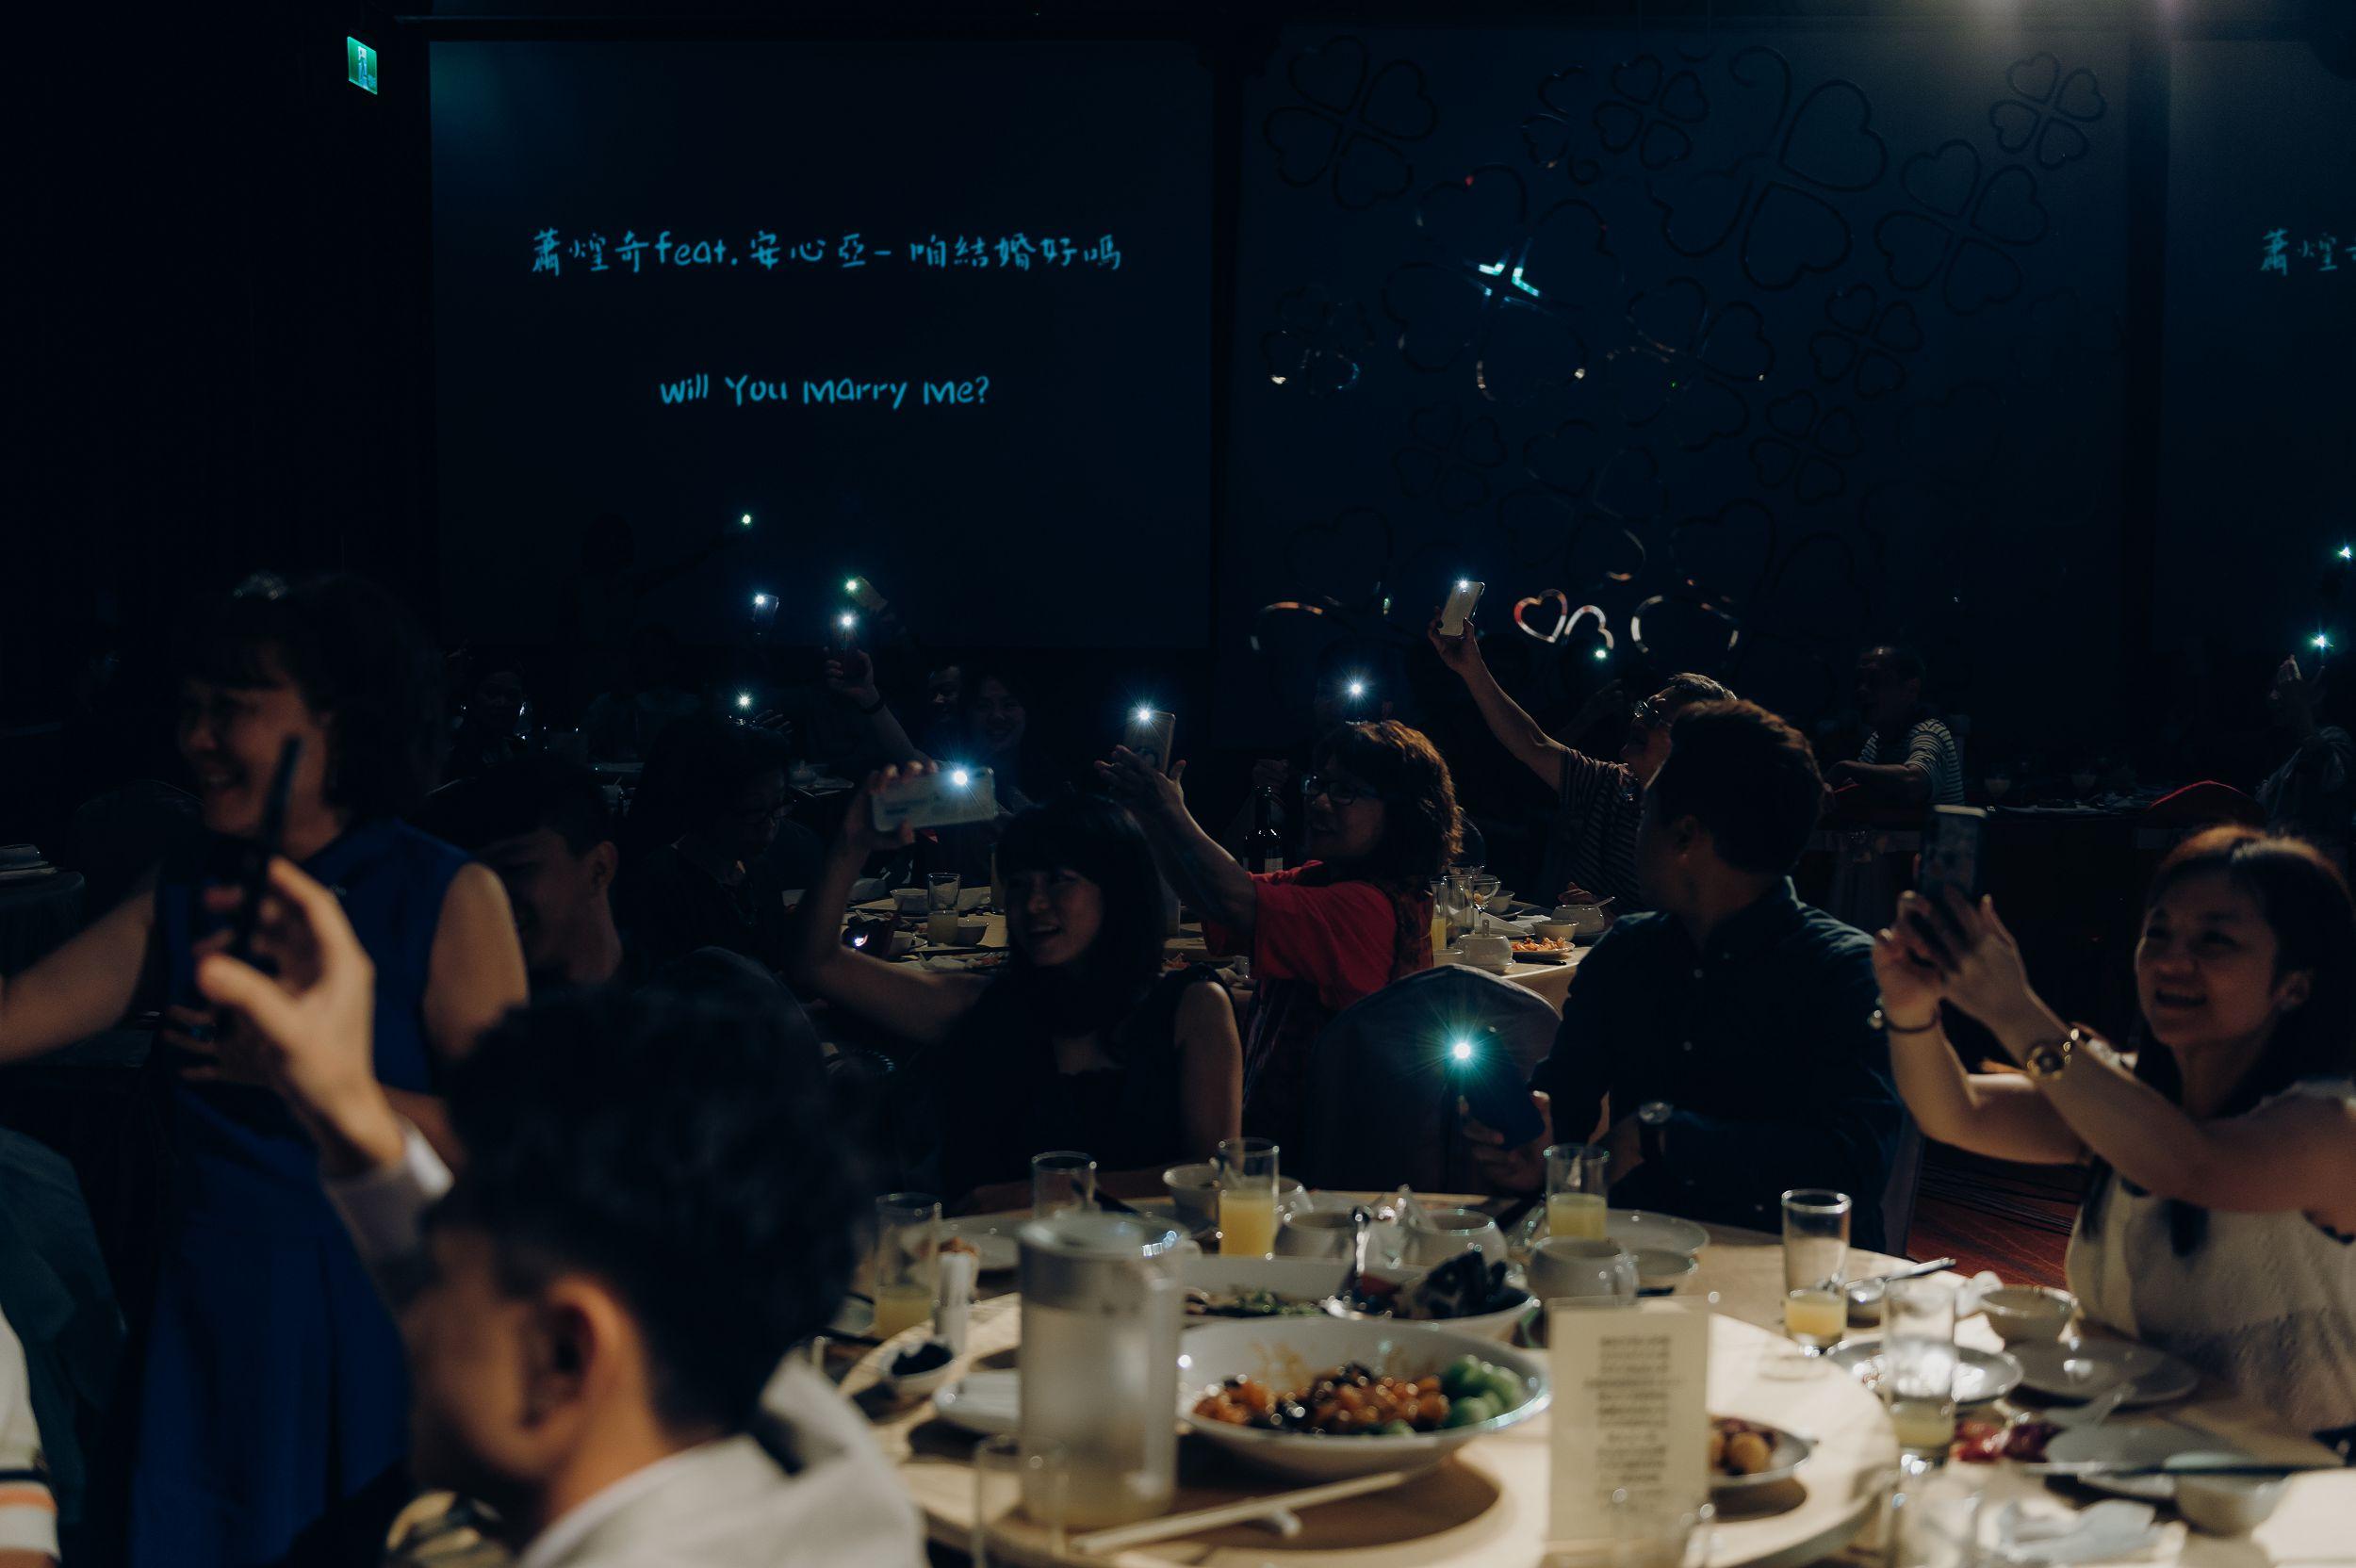 桃園晶宴,雙機攝影,婚攝,婚禮紀錄,婚禮攝影,新秘,婚佈,新娘物語推薦,游阿三,攝影工作室,類婚紗,證婚,儀式,自然互動,抓拍,唱歌進場